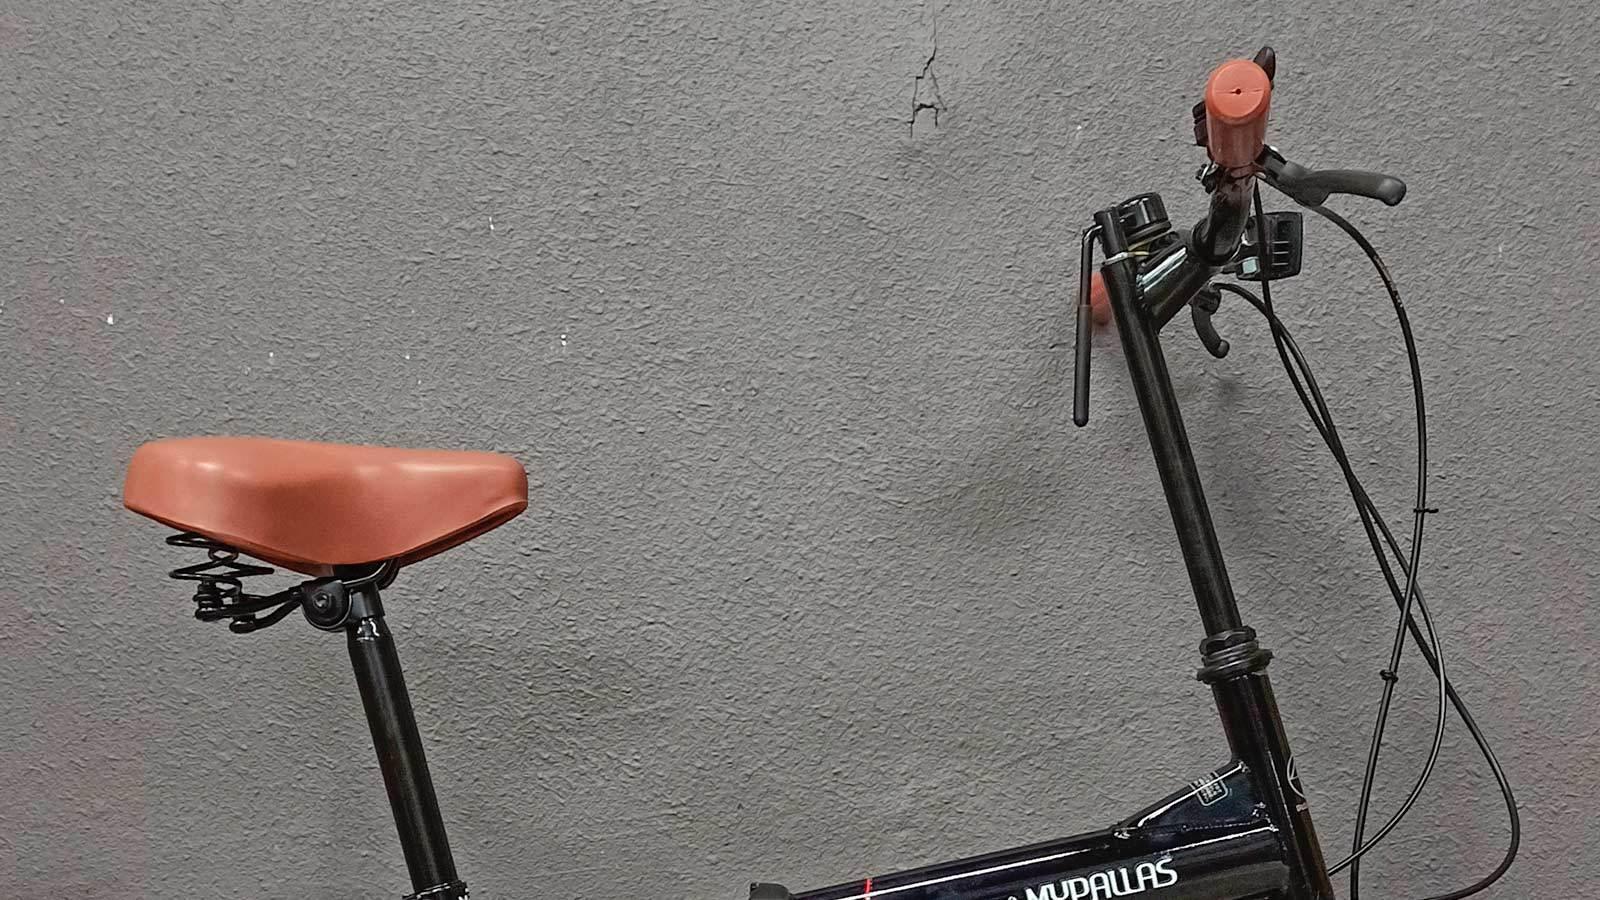 седло и руль складного велосипеда MyPallas M200